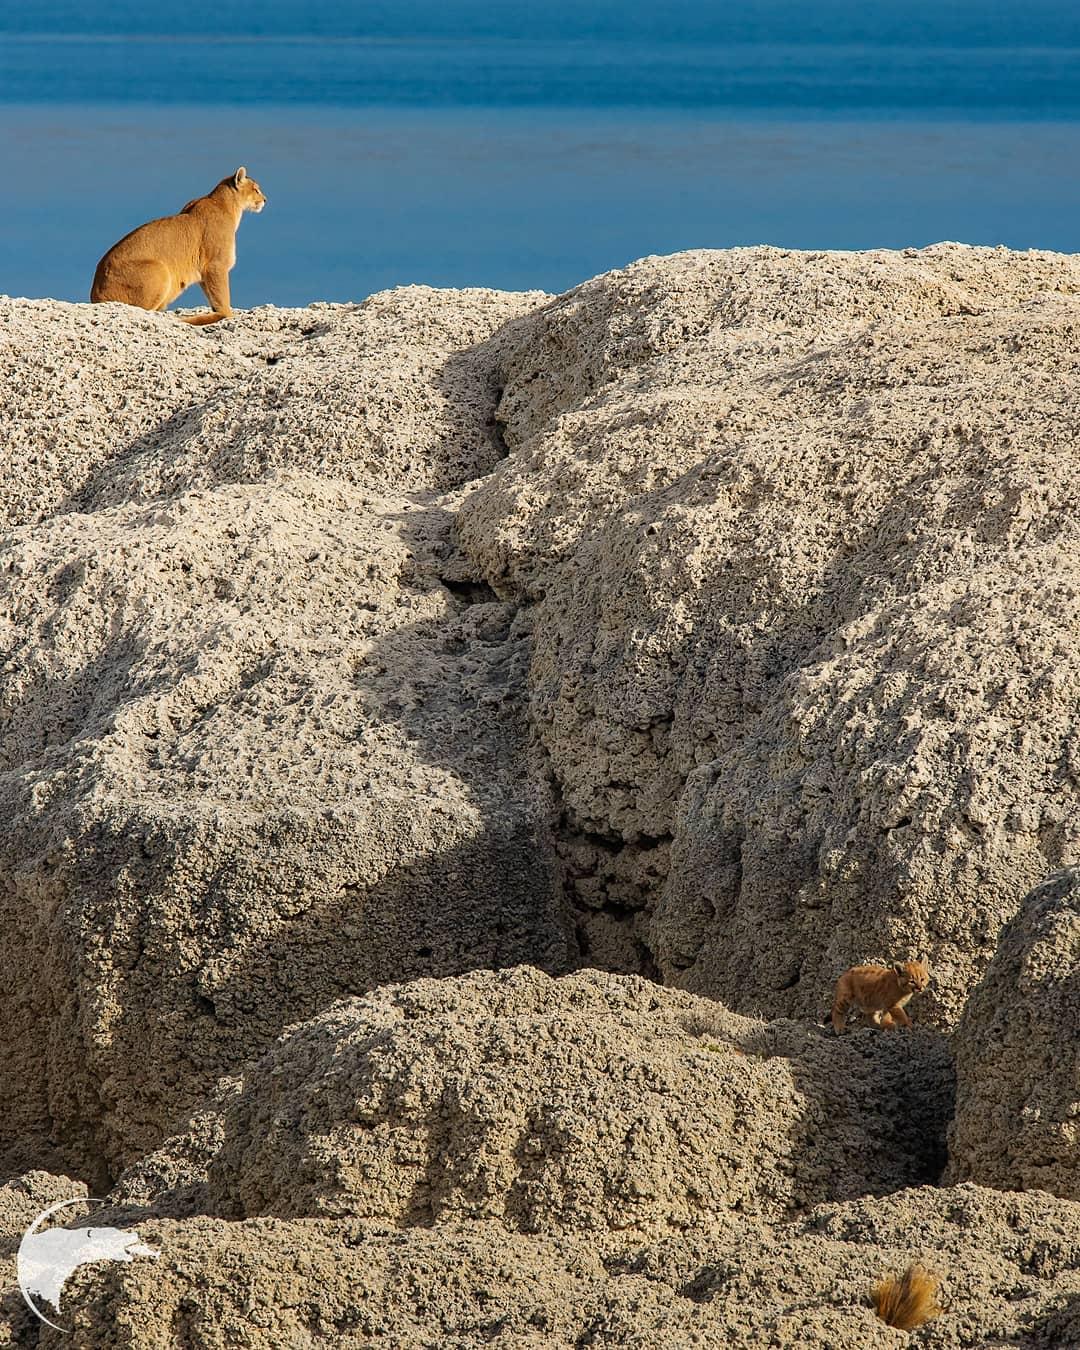 Дикие животные на снимках Томаса Мангельсена